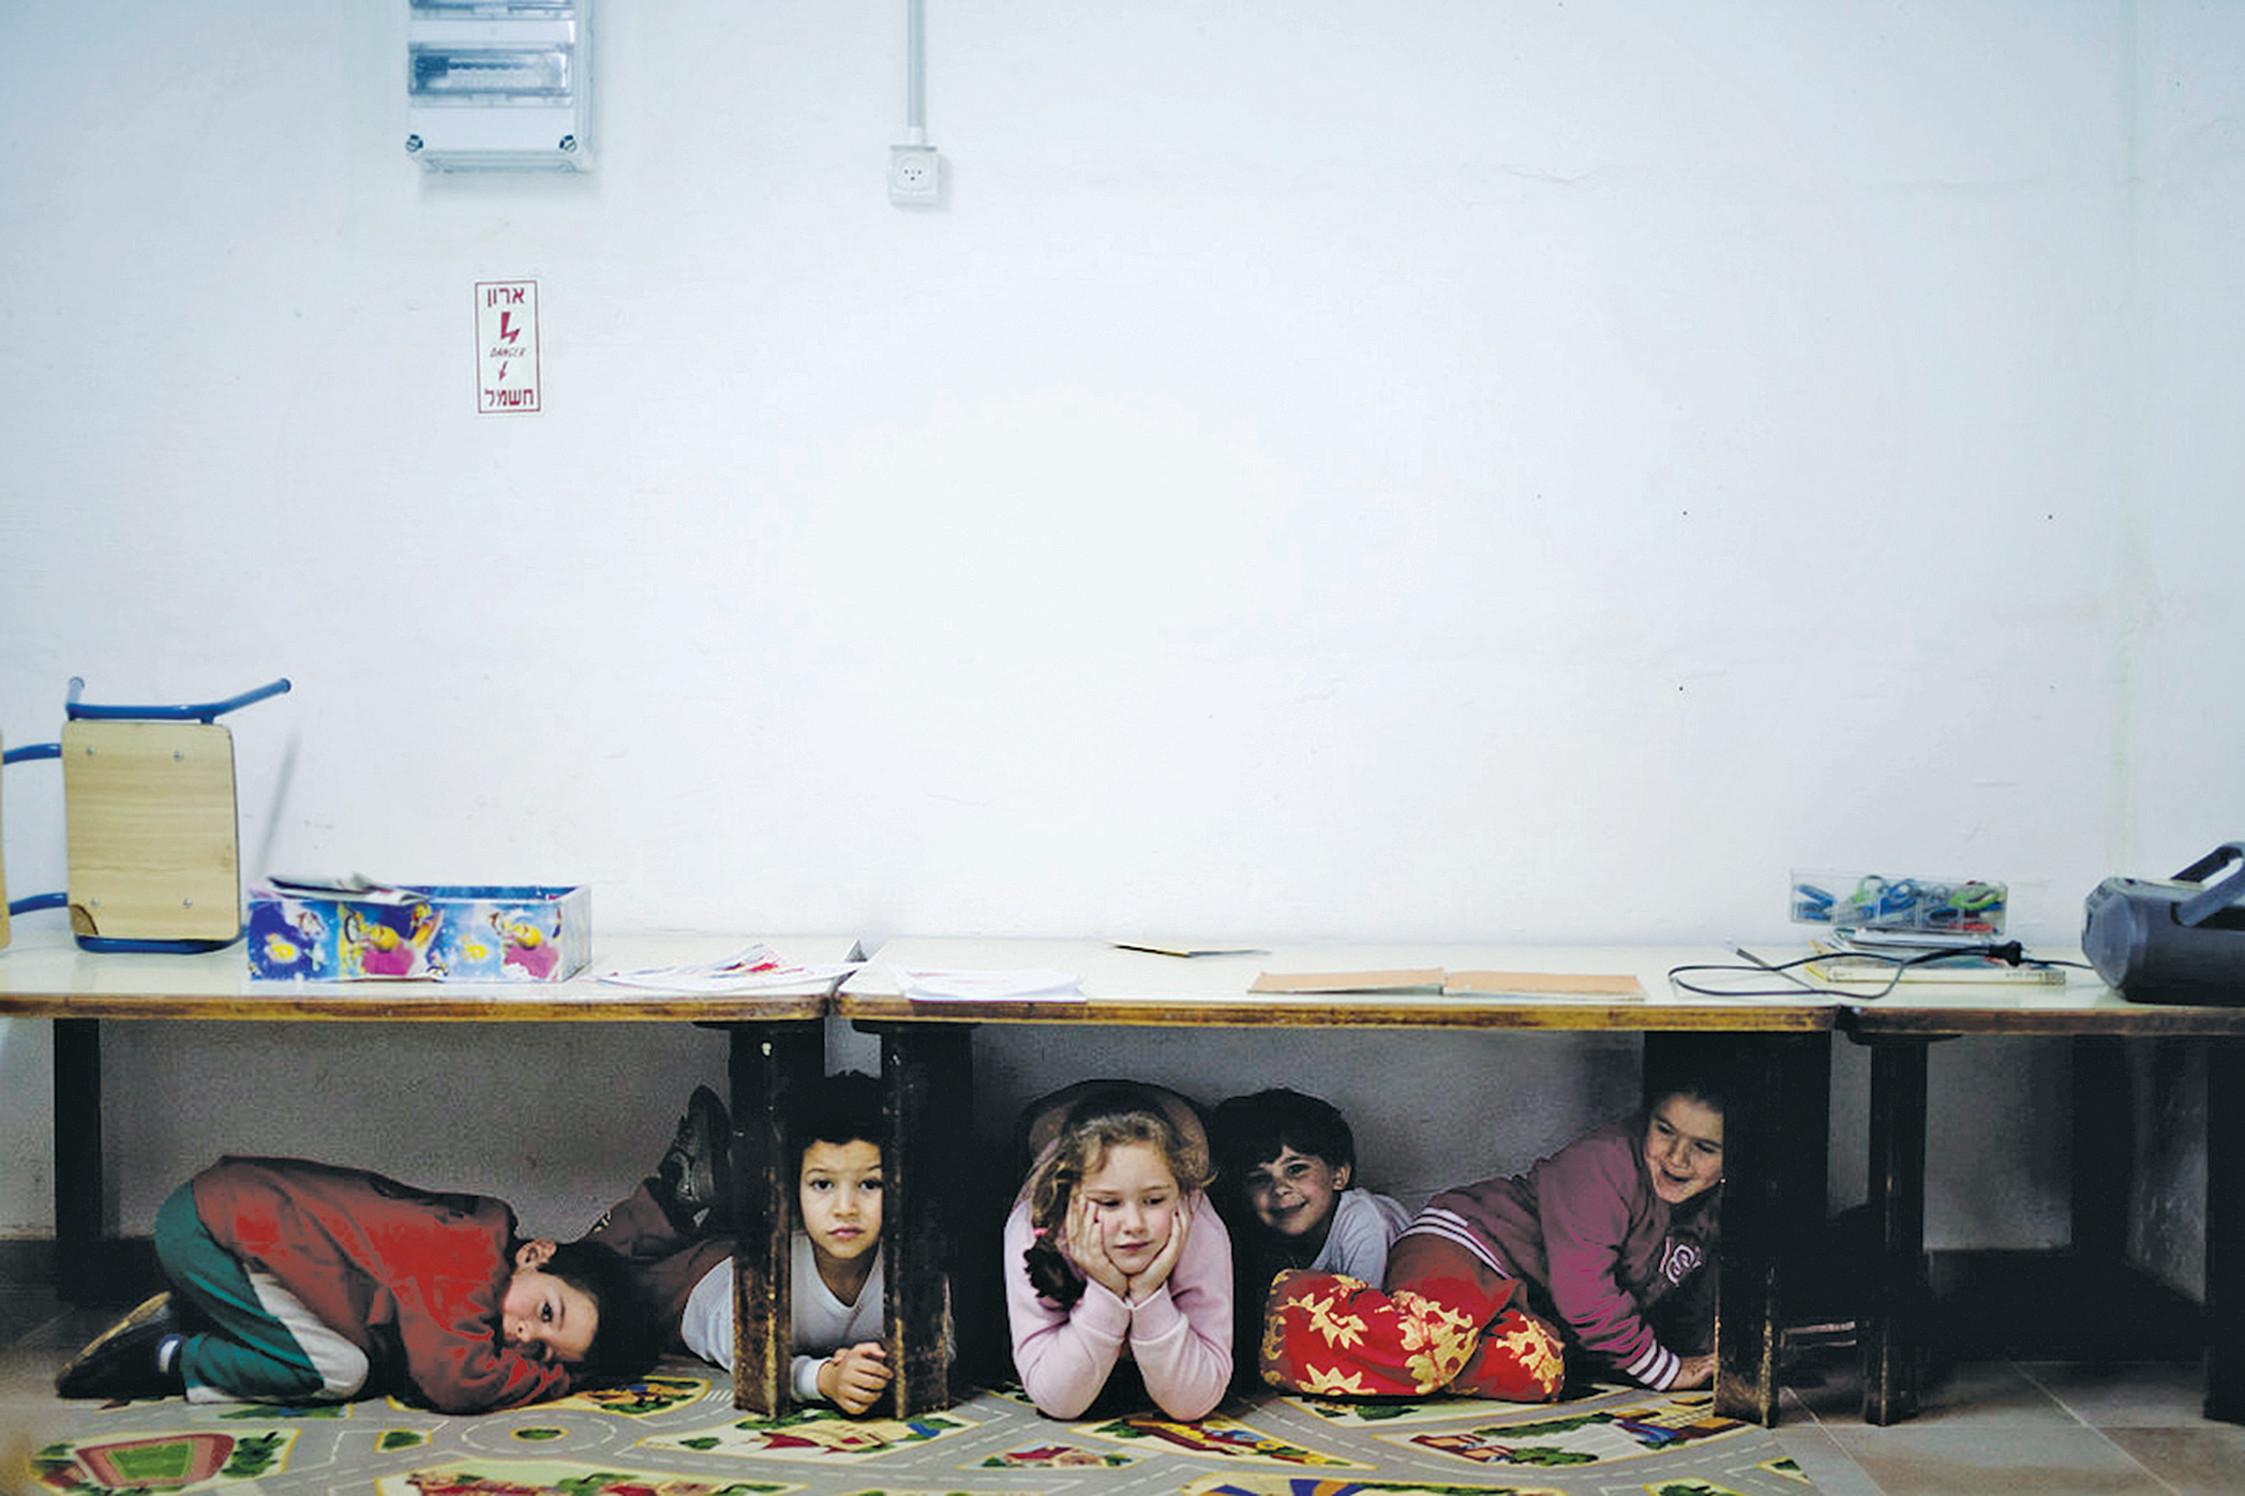 ילדים במקלט בעוטף עזה. צילום: דימה וזינוביץ